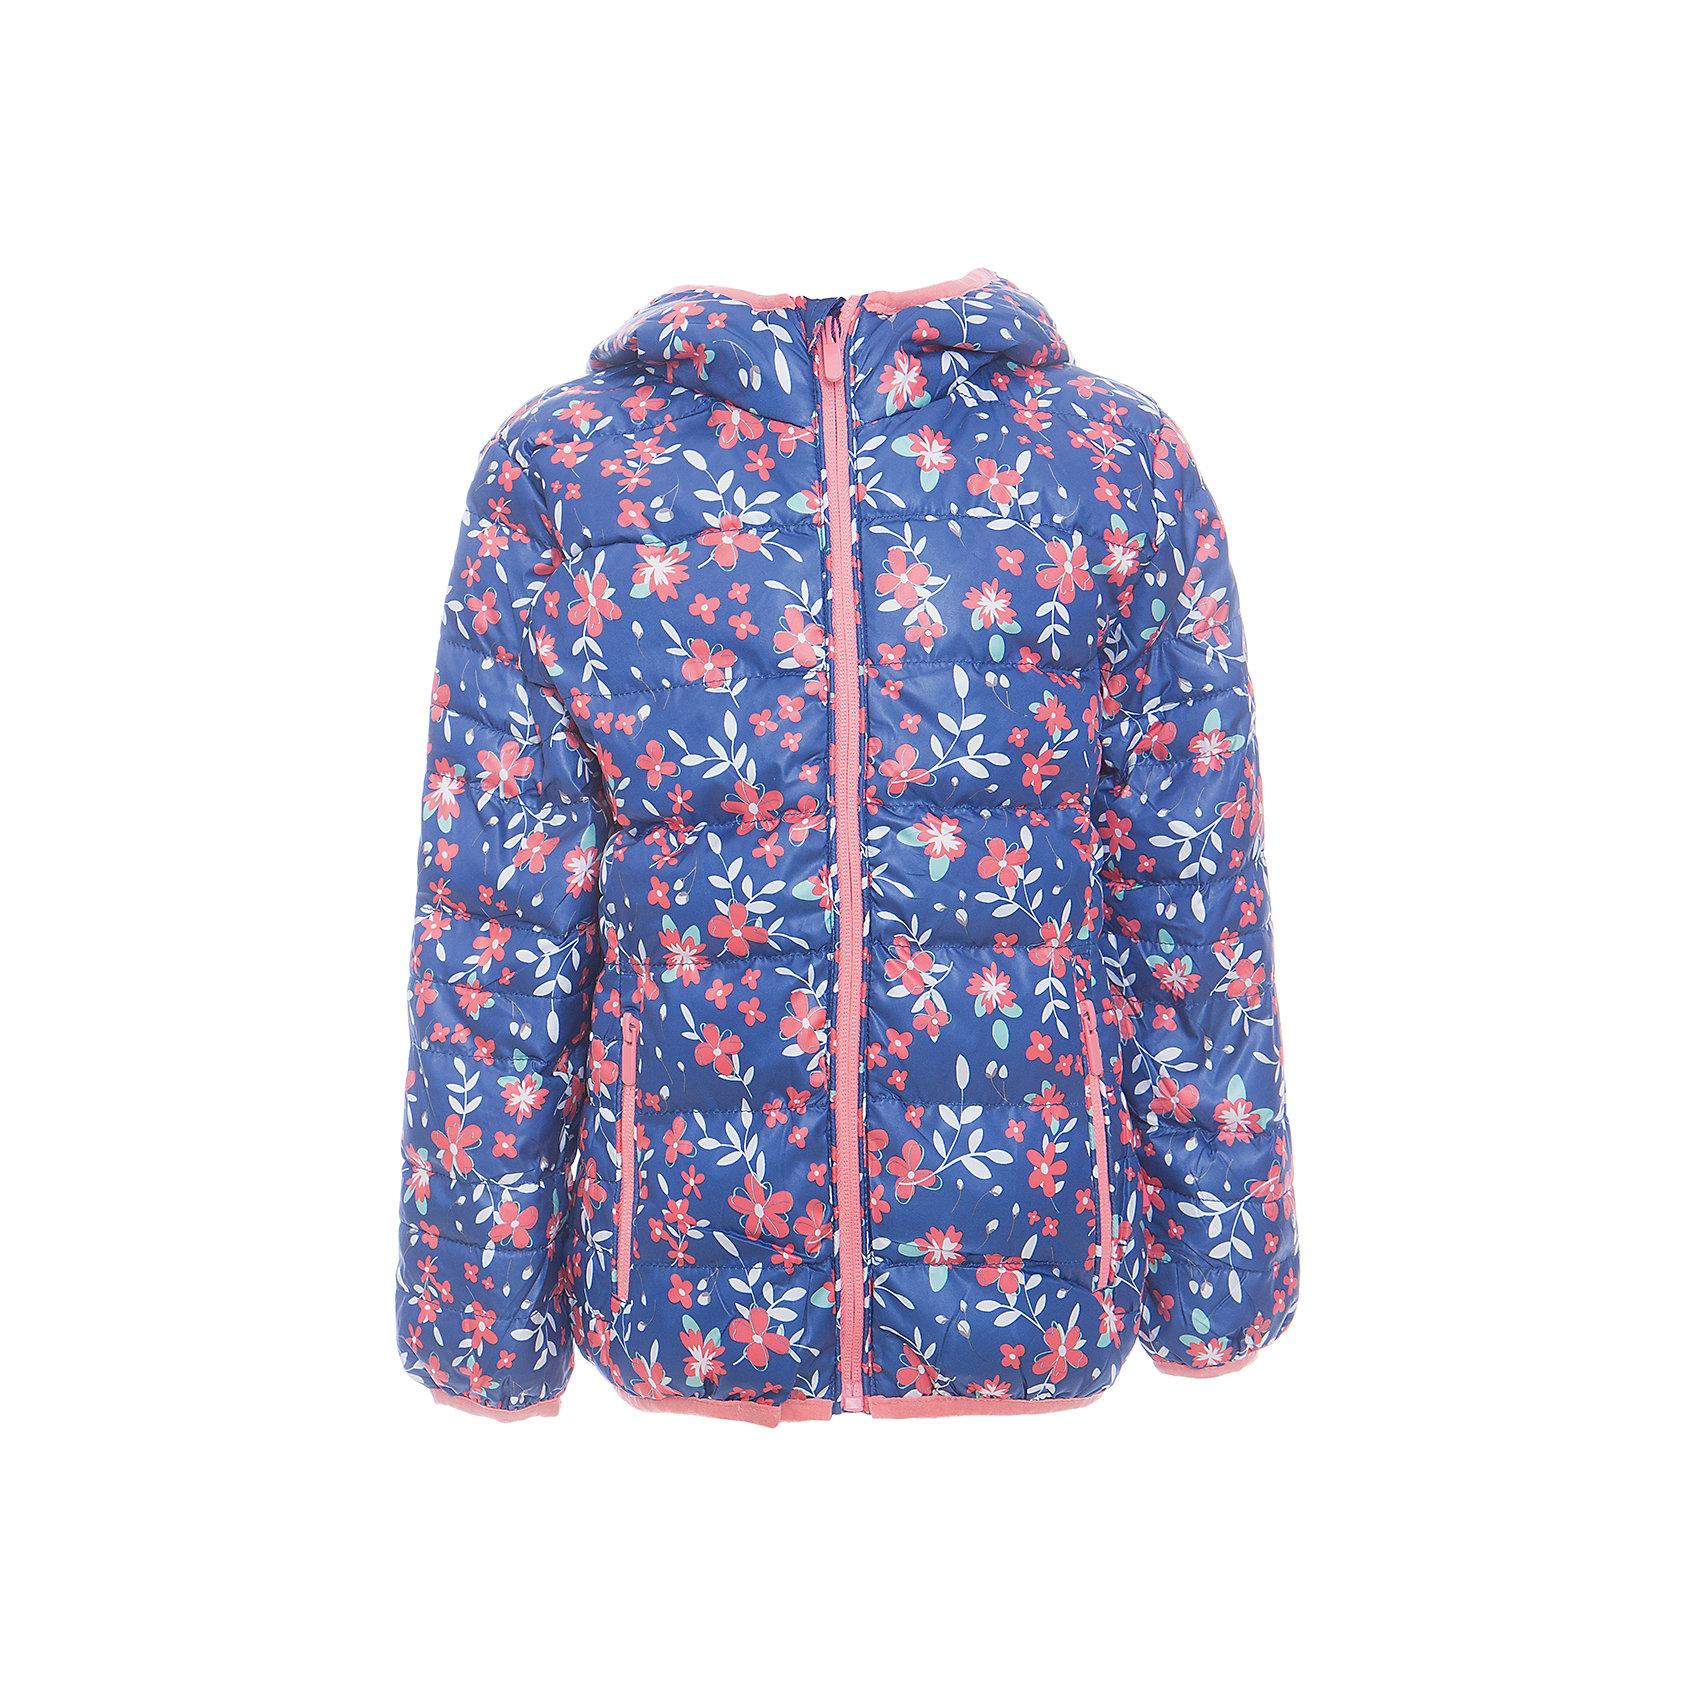 Куртка для девочки Sweet BerryДемисезонные куртки<br>Утепленная, стеганая куртка с цветочным принтом для девочки. Цельнокроеный капюшон, два прорезных карманы на молнии. Капюшон и  рукава оформлены контрастной окантовочной резинкой.<br>Состав:<br>Верх: 100%полиэстер. Подкладка: 65%хлопок 35%полиэстер. Наполнитель: 100%полиэстер<br><br>Ширина мм: 356<br>Глубина мм: 10<br>Высота мм: 245<br>Вес г: 519<br>Цвет: синий<br>Возраст от месяцев: 60<br>Возраст до месяцев: 72<br>Пол: Женский<br>Возраст: Детский<br>Размер: 104,98,116,122,128,110<br>SKU: 5412191